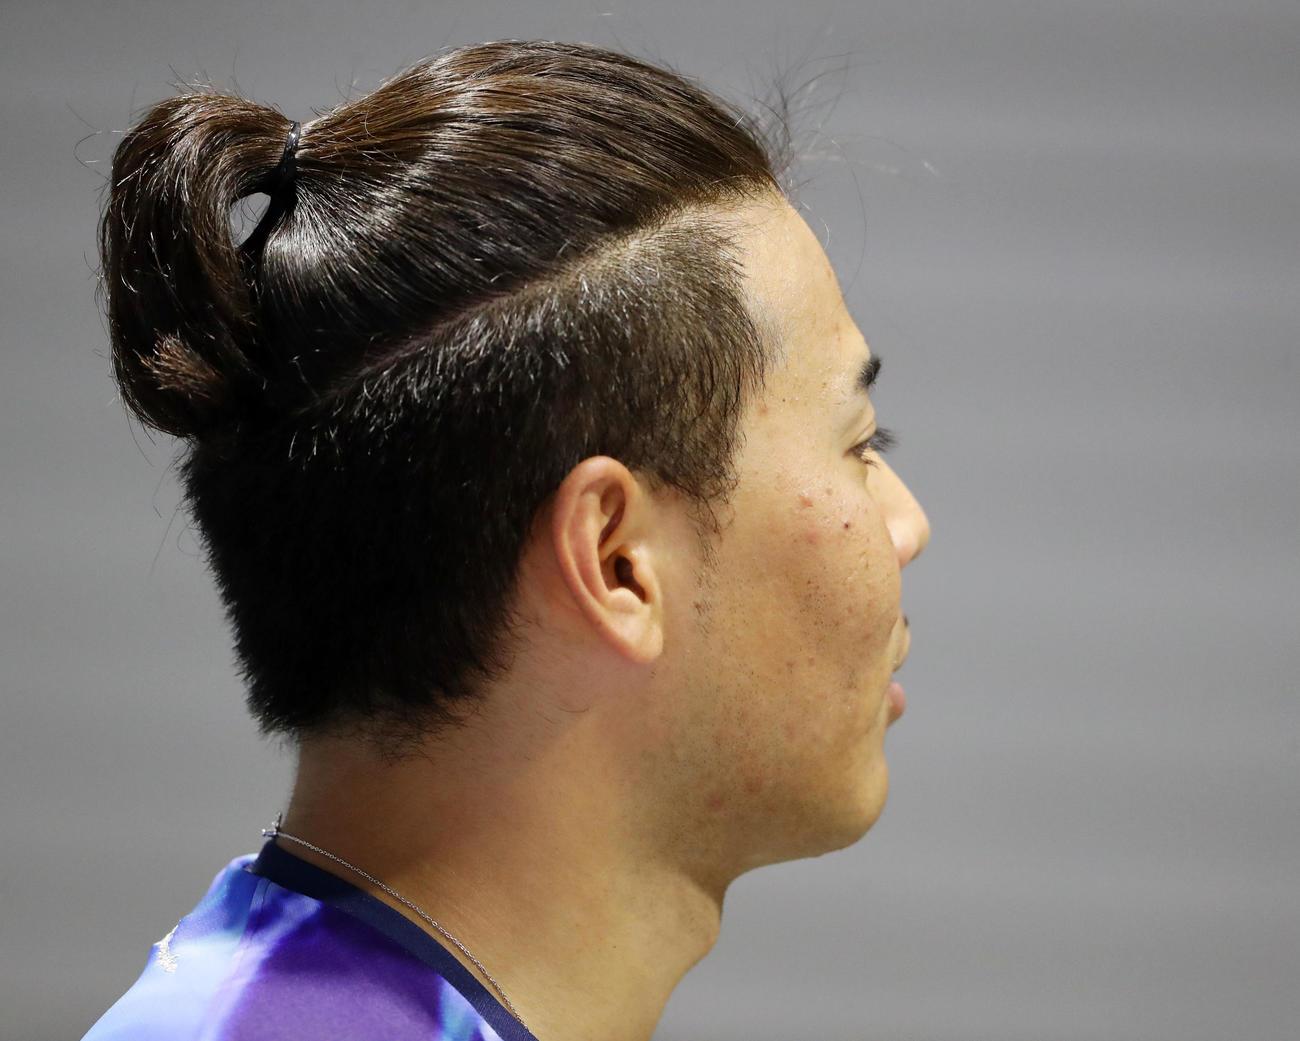 https://www.nikkansports.com/baseball/news/img/202007060000567-w1300_3.jpg